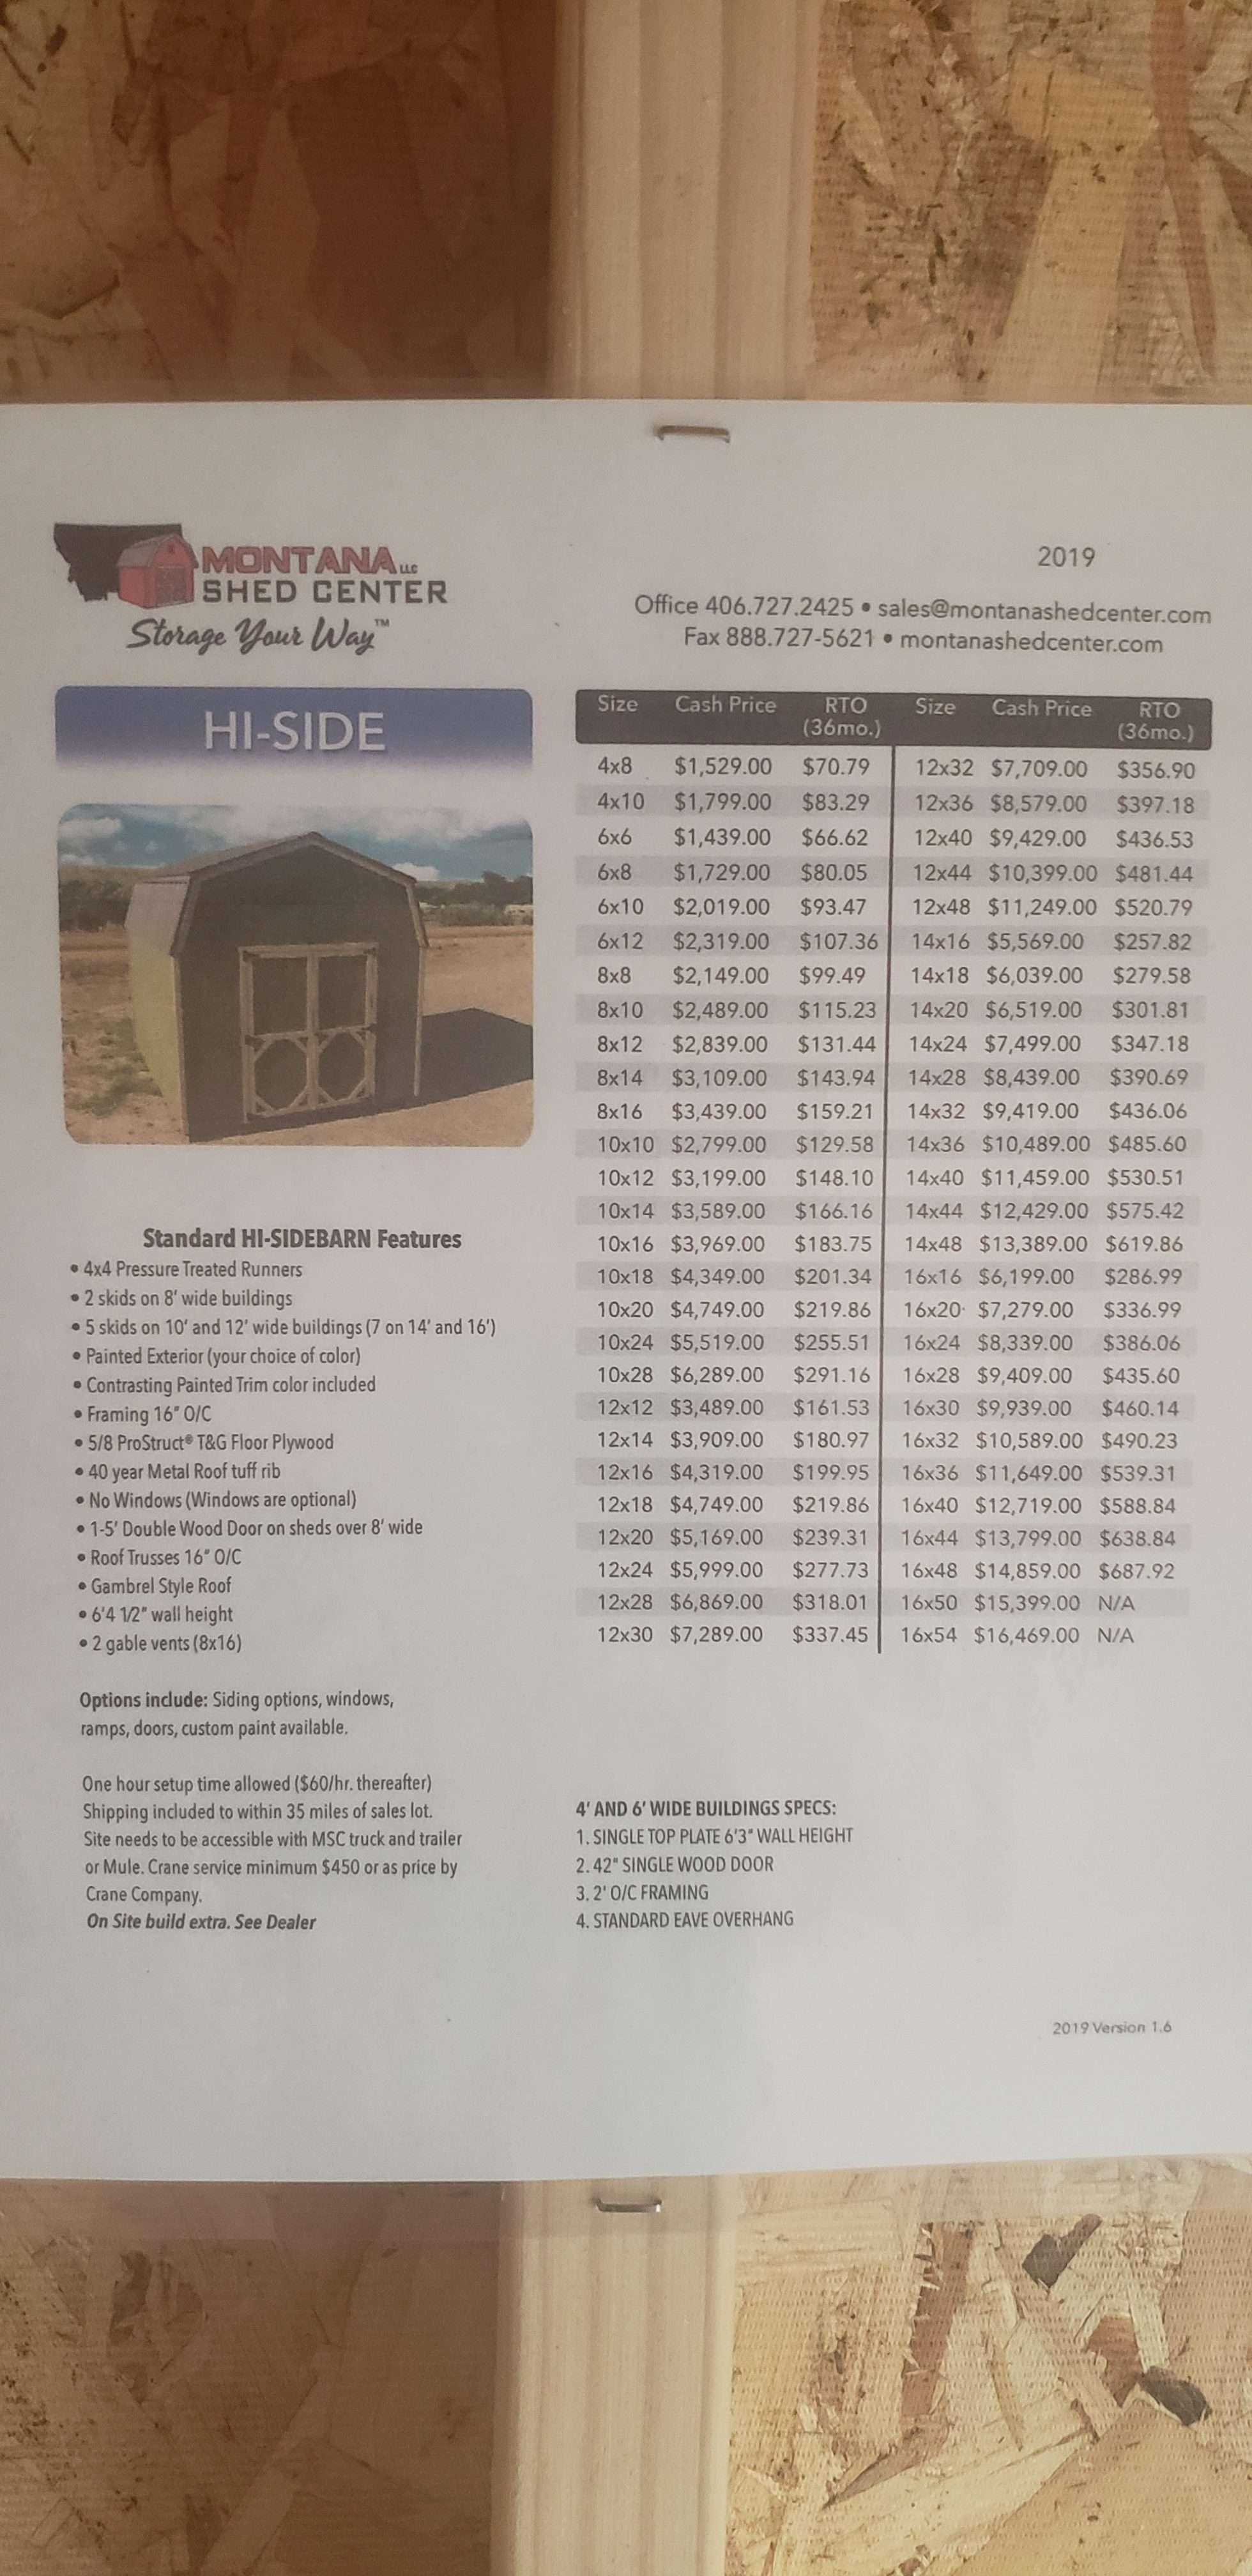 HI-SIDE 10 X16